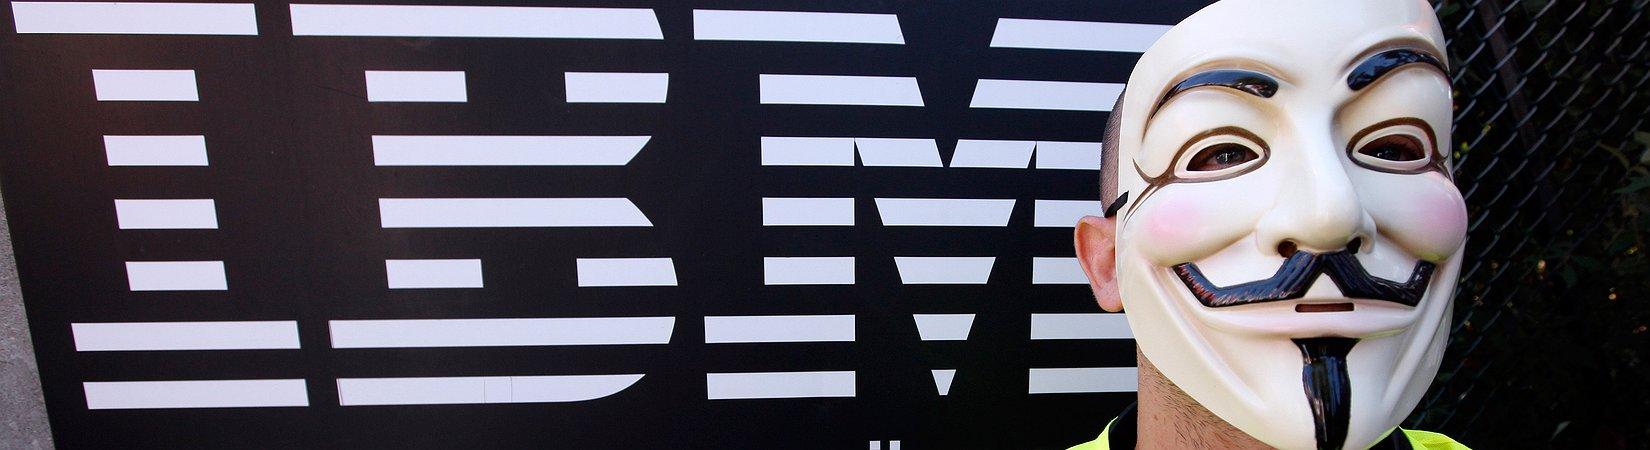 Hay que tener cuidado con IBM